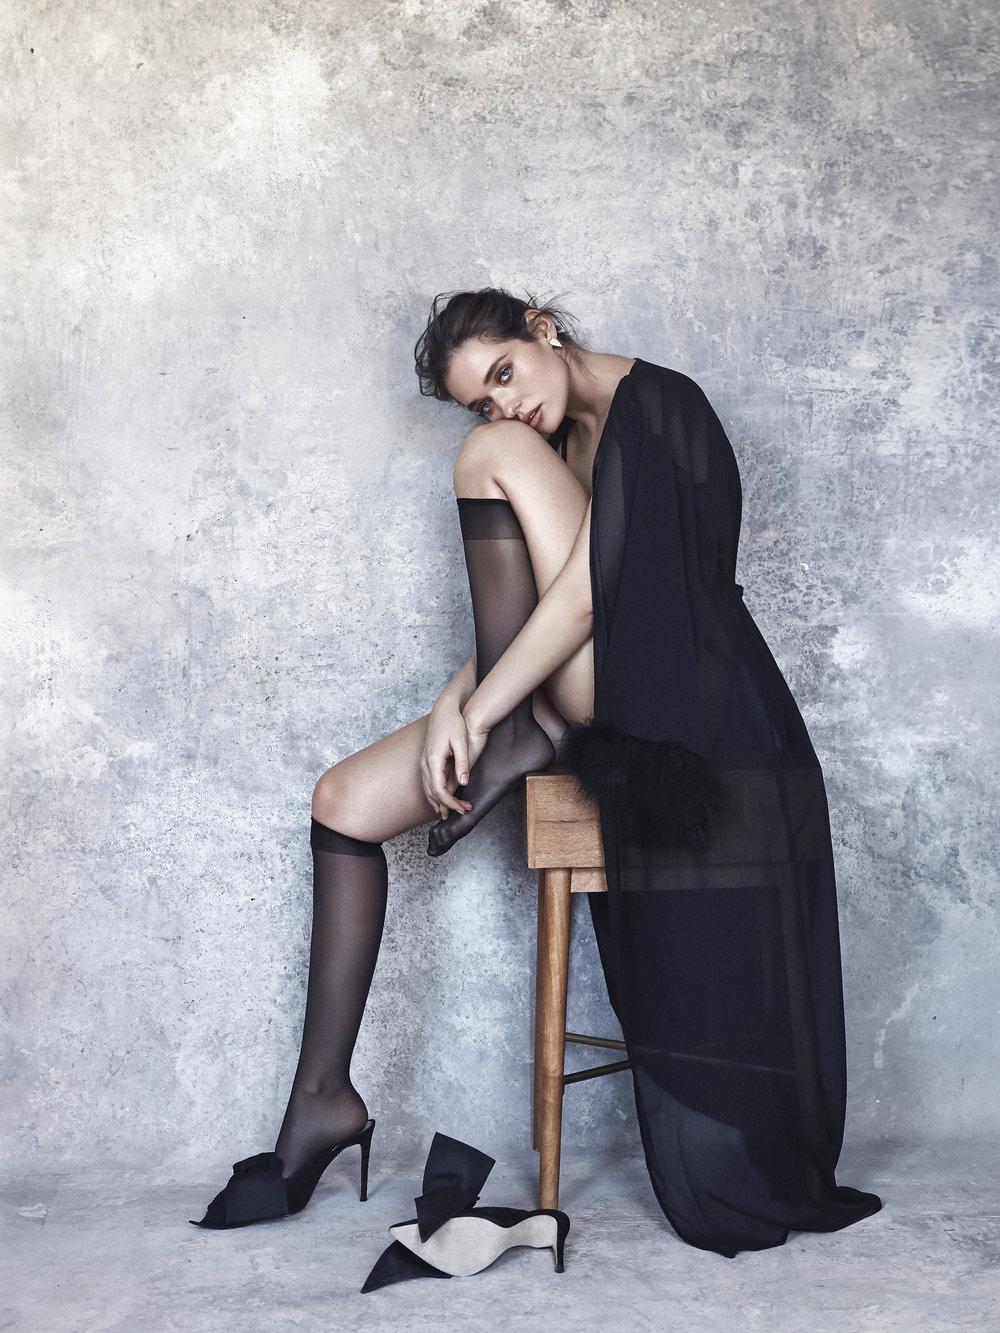 Sabine demi bra and thong in black.